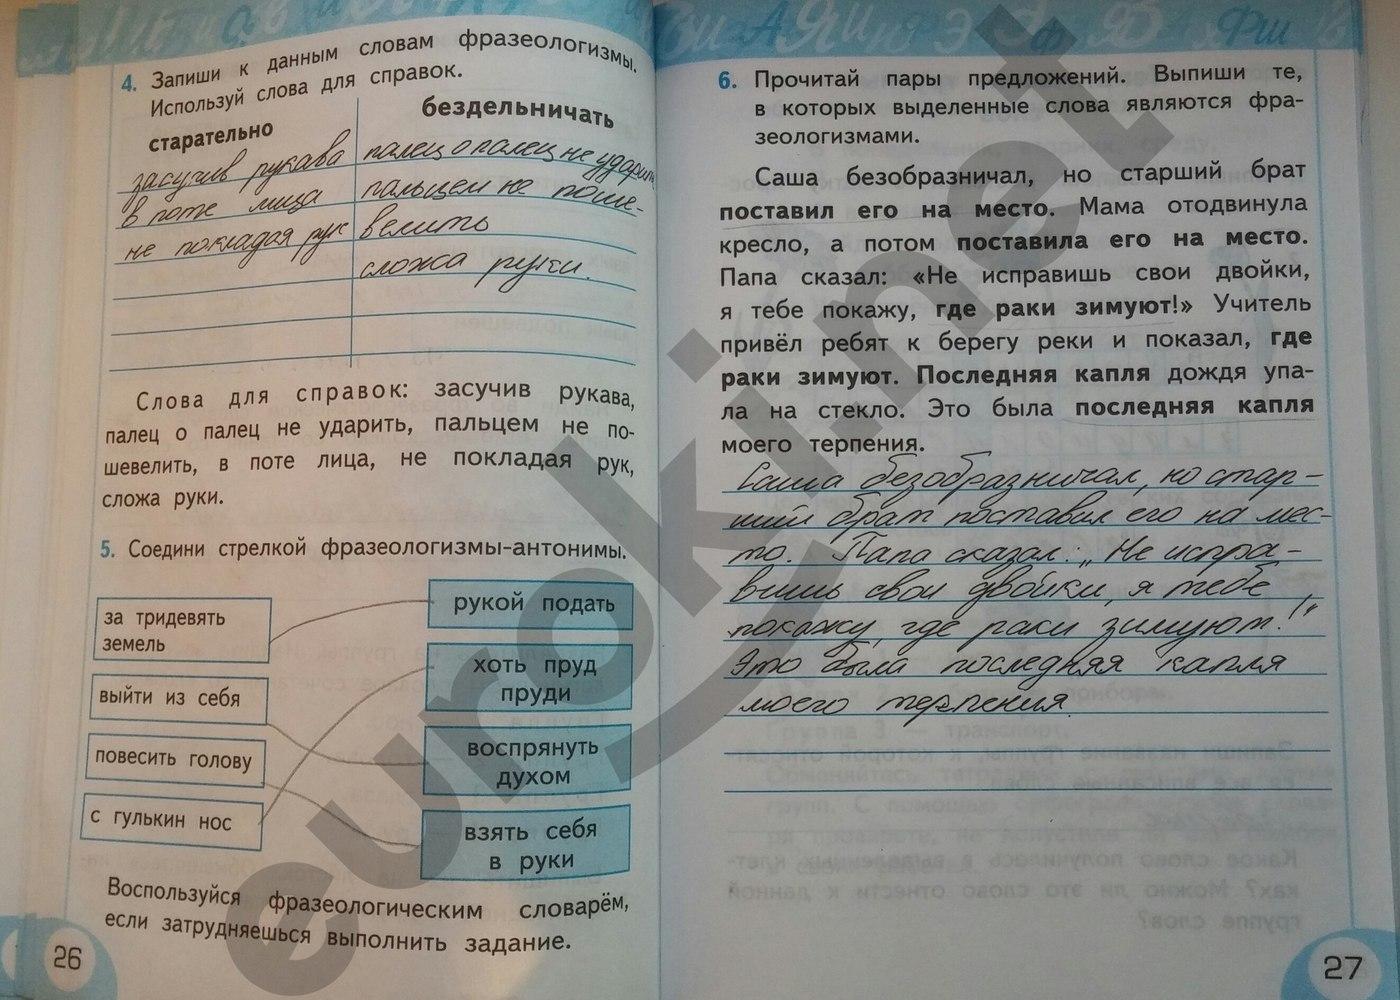 тетрадь языку по 2 часть кл 2 рабочая решебник русскому